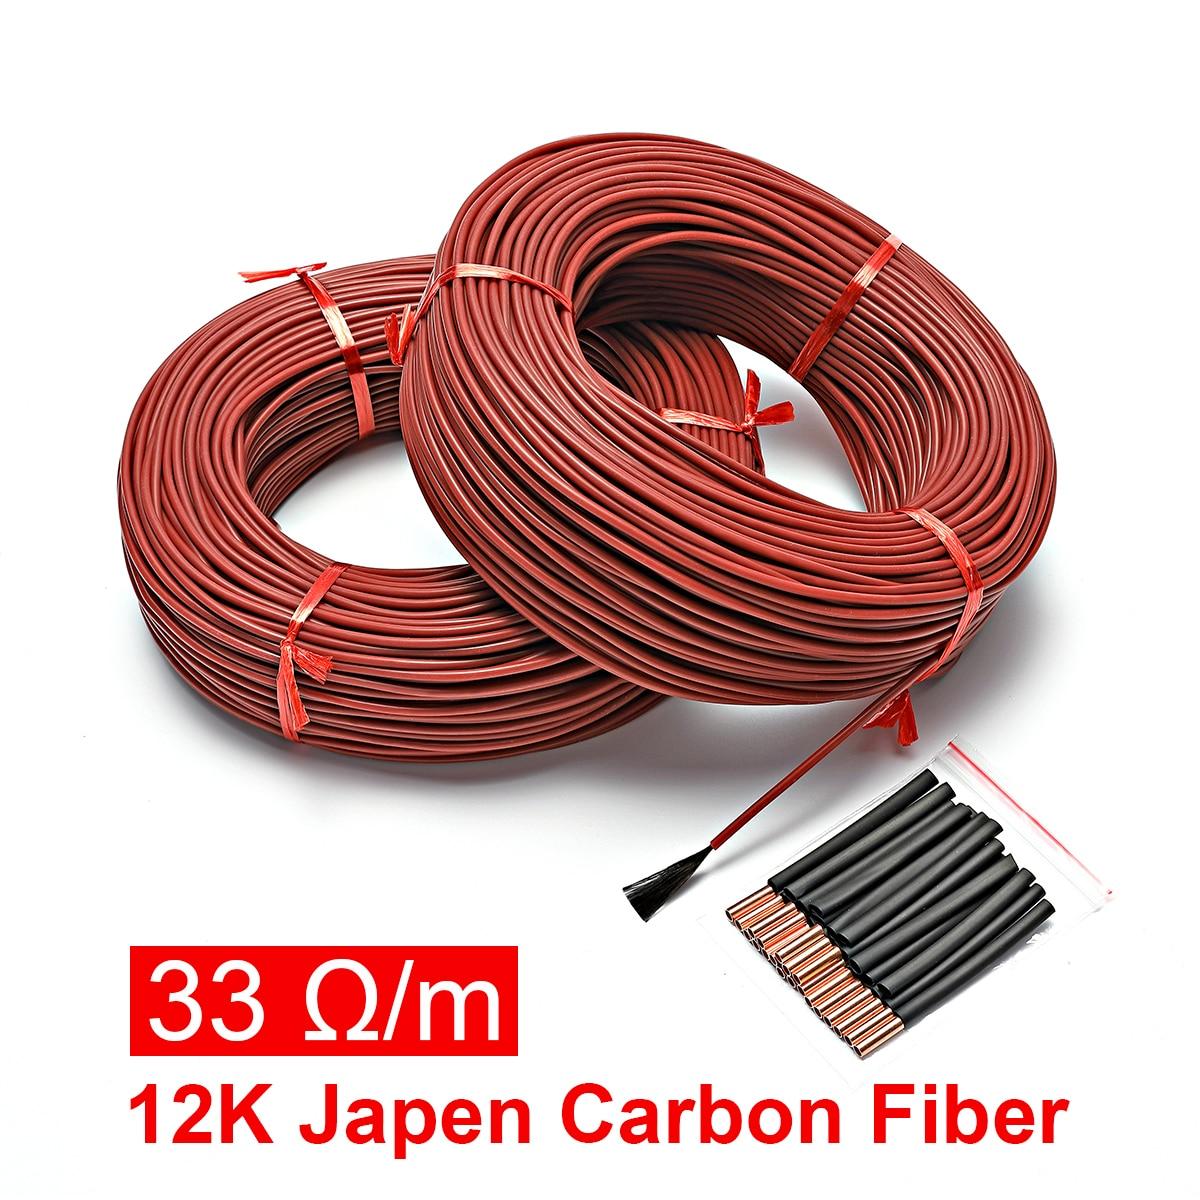 Нагревательный кабель из силиконового каучука и углеродного волокна, 100 м, 12k, 33 Ом, 5-220 В, нагрев пола, высококачественный Инфракрасный нагре...